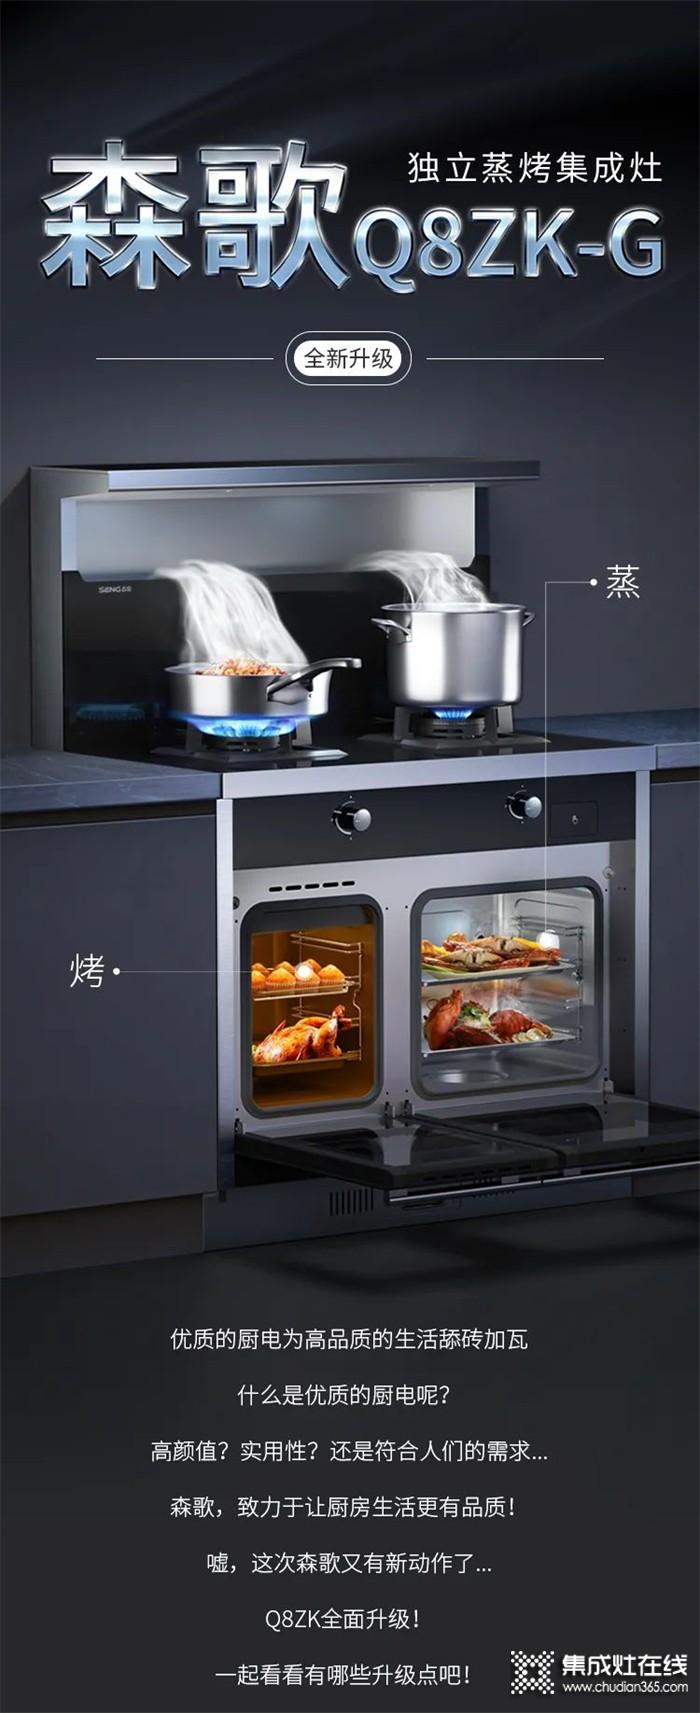 爆品全新升级上市,森歌Q8ZK-G独立蒸烤集成灶来了!双腔蒸烤齐开功、烹饪更高效~